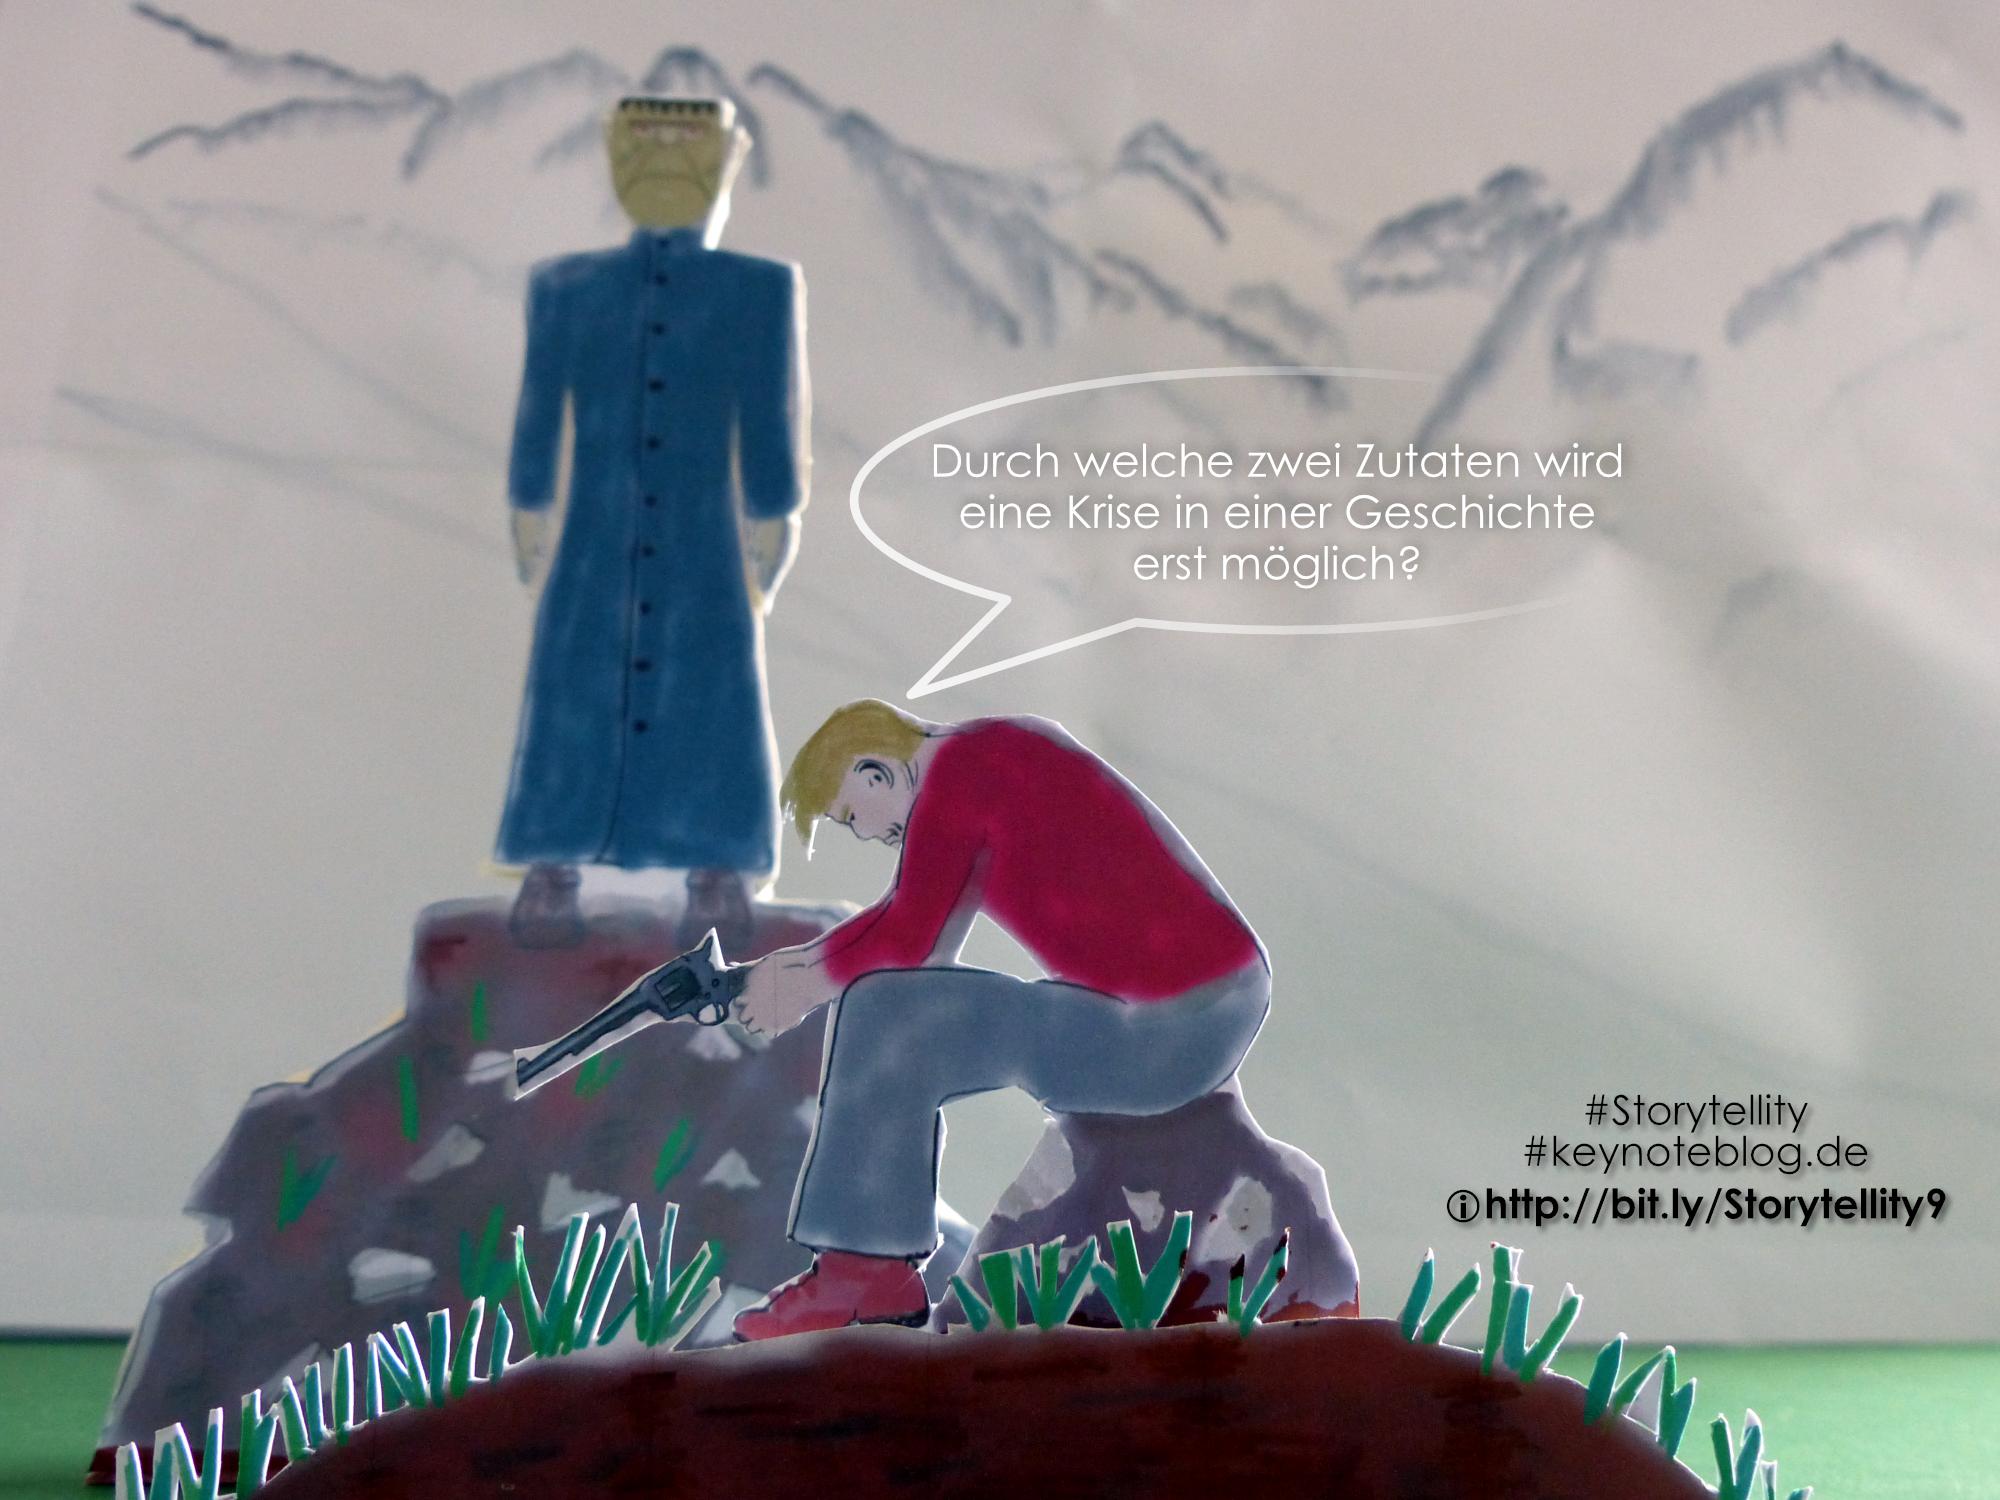 Dr. Frankenstein und sein Monster in den Alpen. Frankenstein hat eine Waffe, kann aber nicht abdrücken. Er fühlt sich deshalb schuldig.